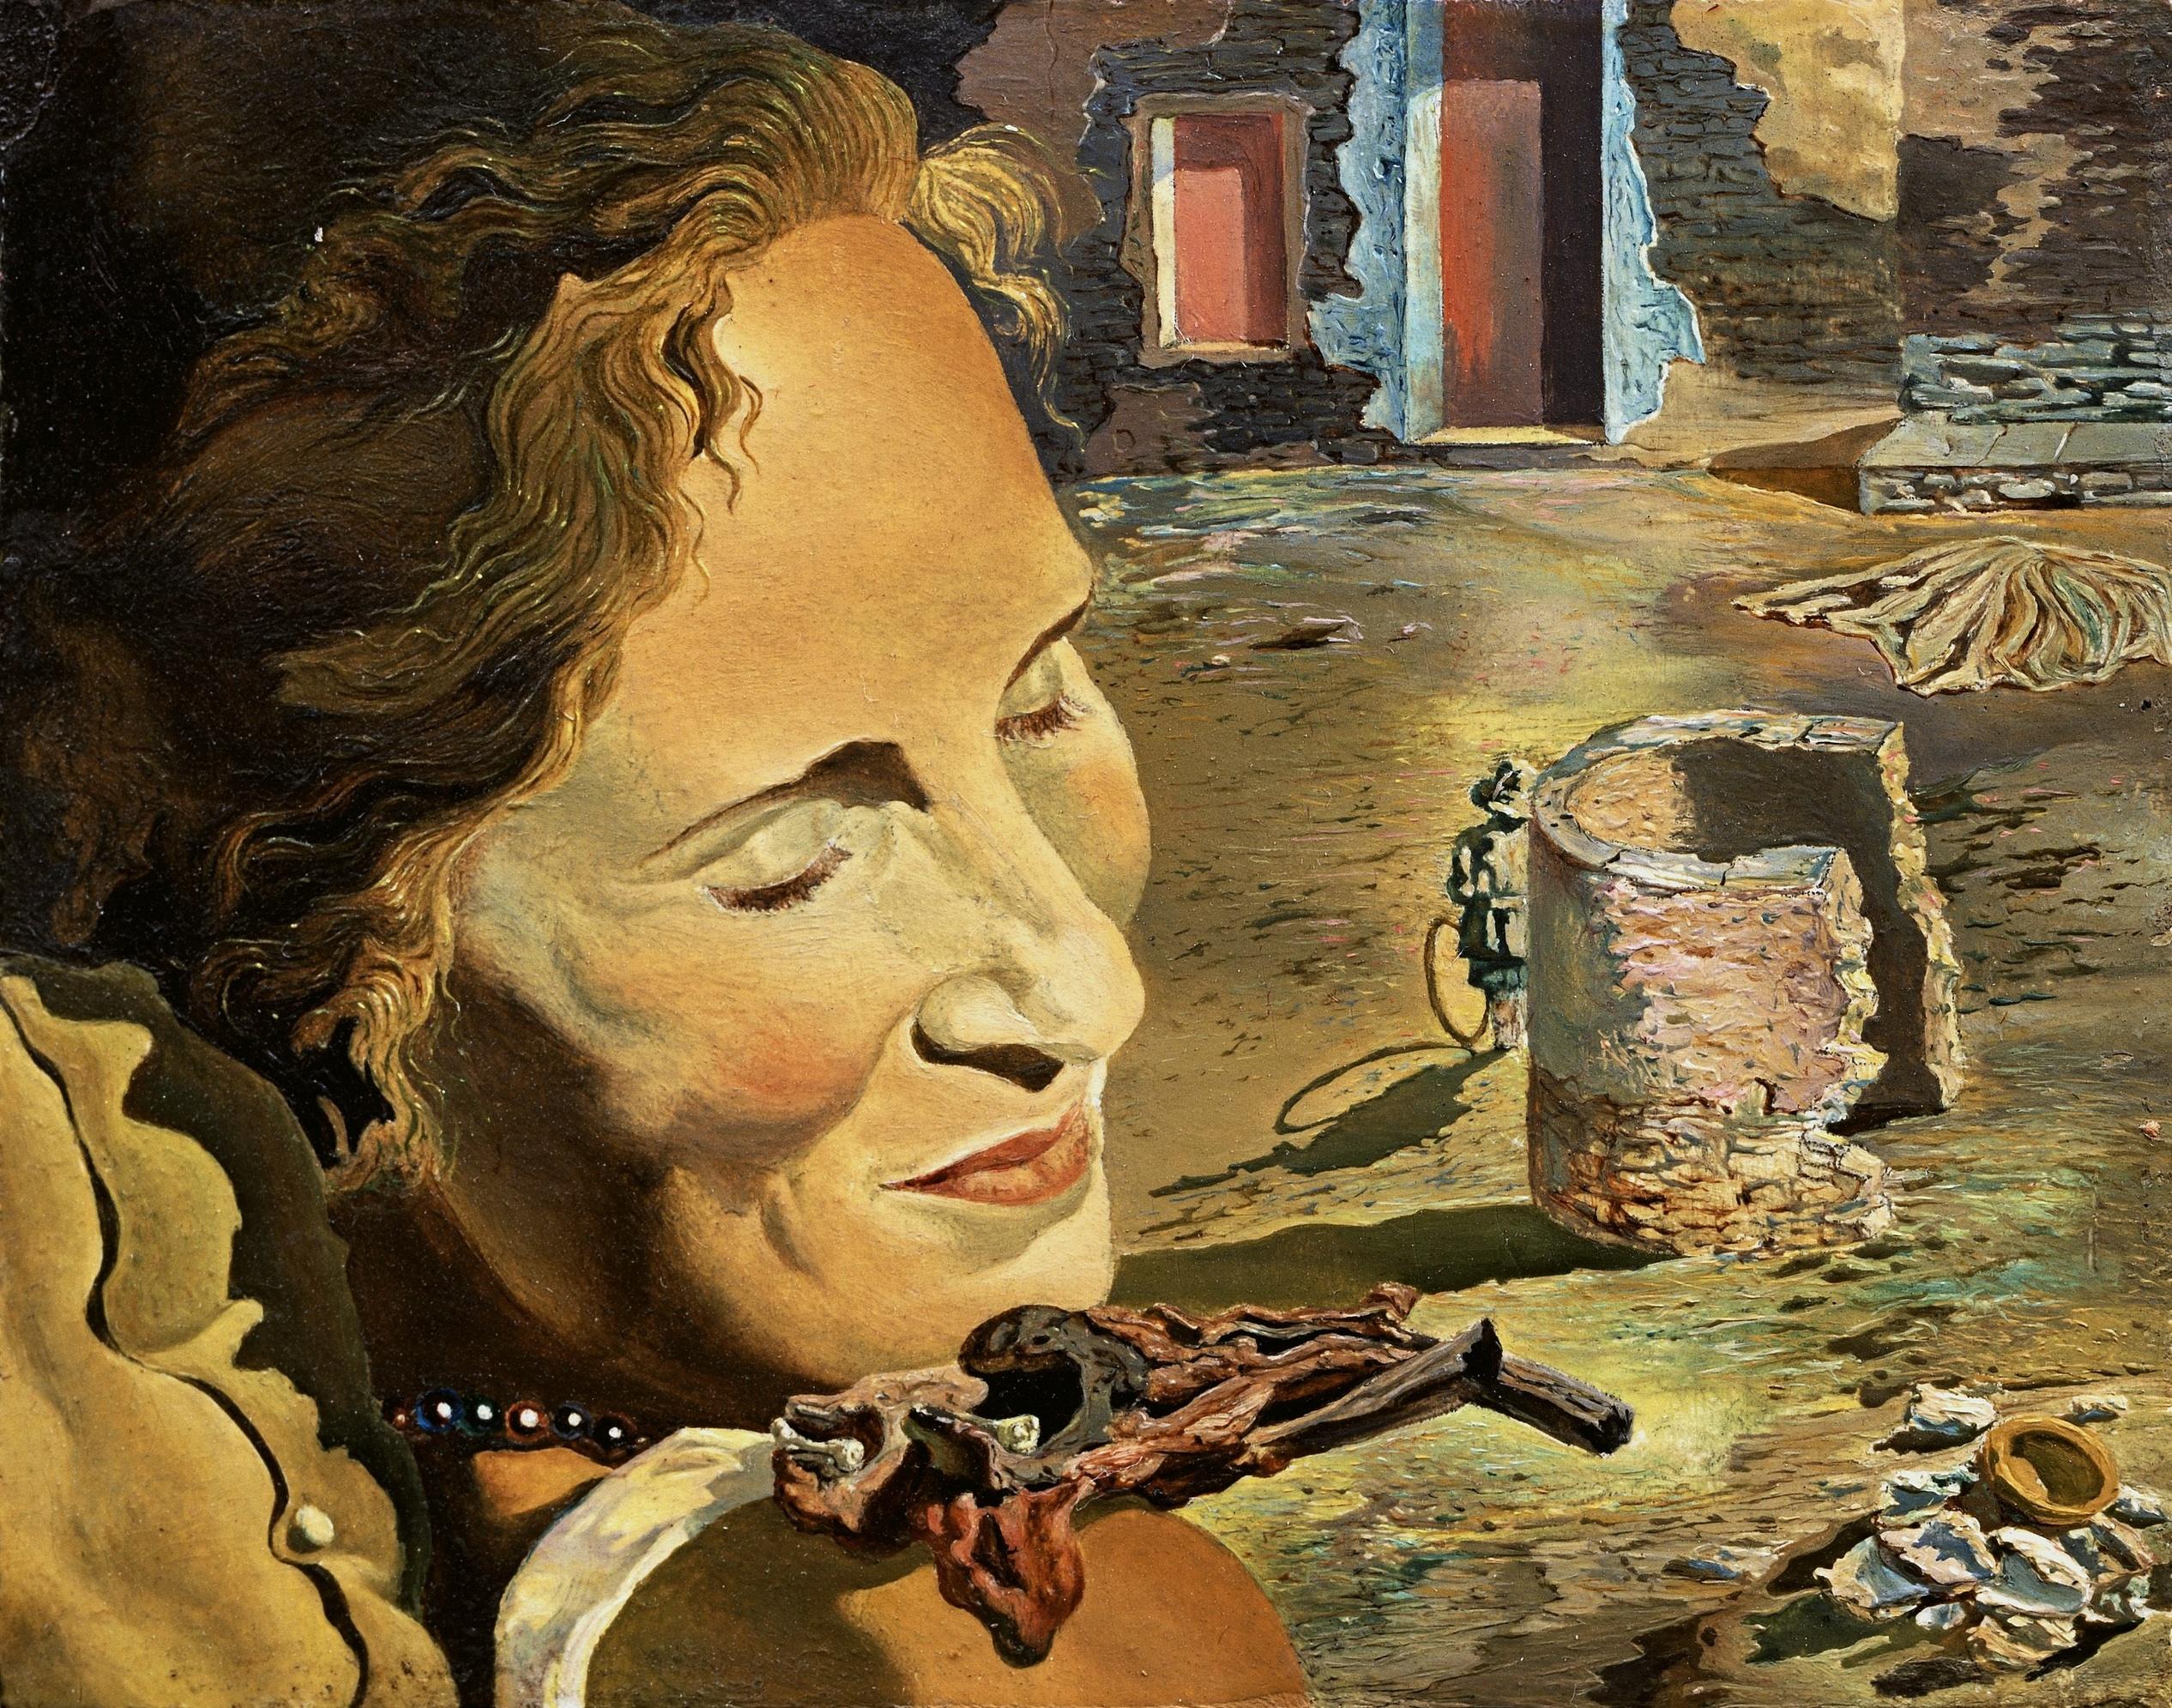 Портрет Галы с двумя бараньими котлетами, находящимися в равновесии на ее плече